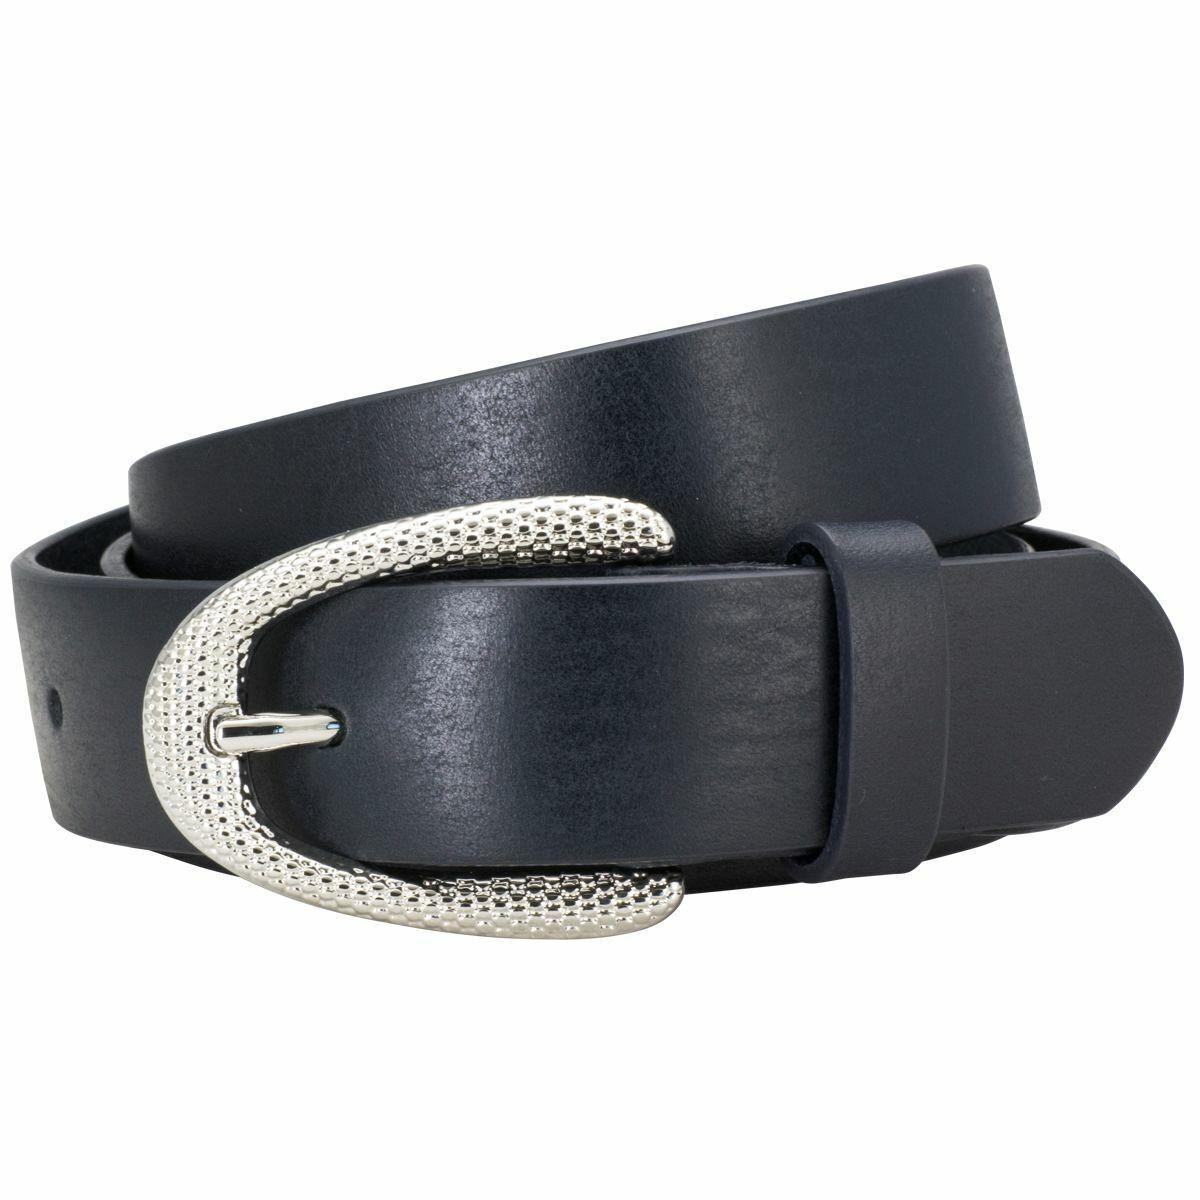 LINDENMANN The Art of Belt Ledergürtel Damen   Gürtel Damen, Rindleder Gürtel Fr  | Die Königin Der Qualität  | Viele Stile  | Hervorragende Eigenschaften